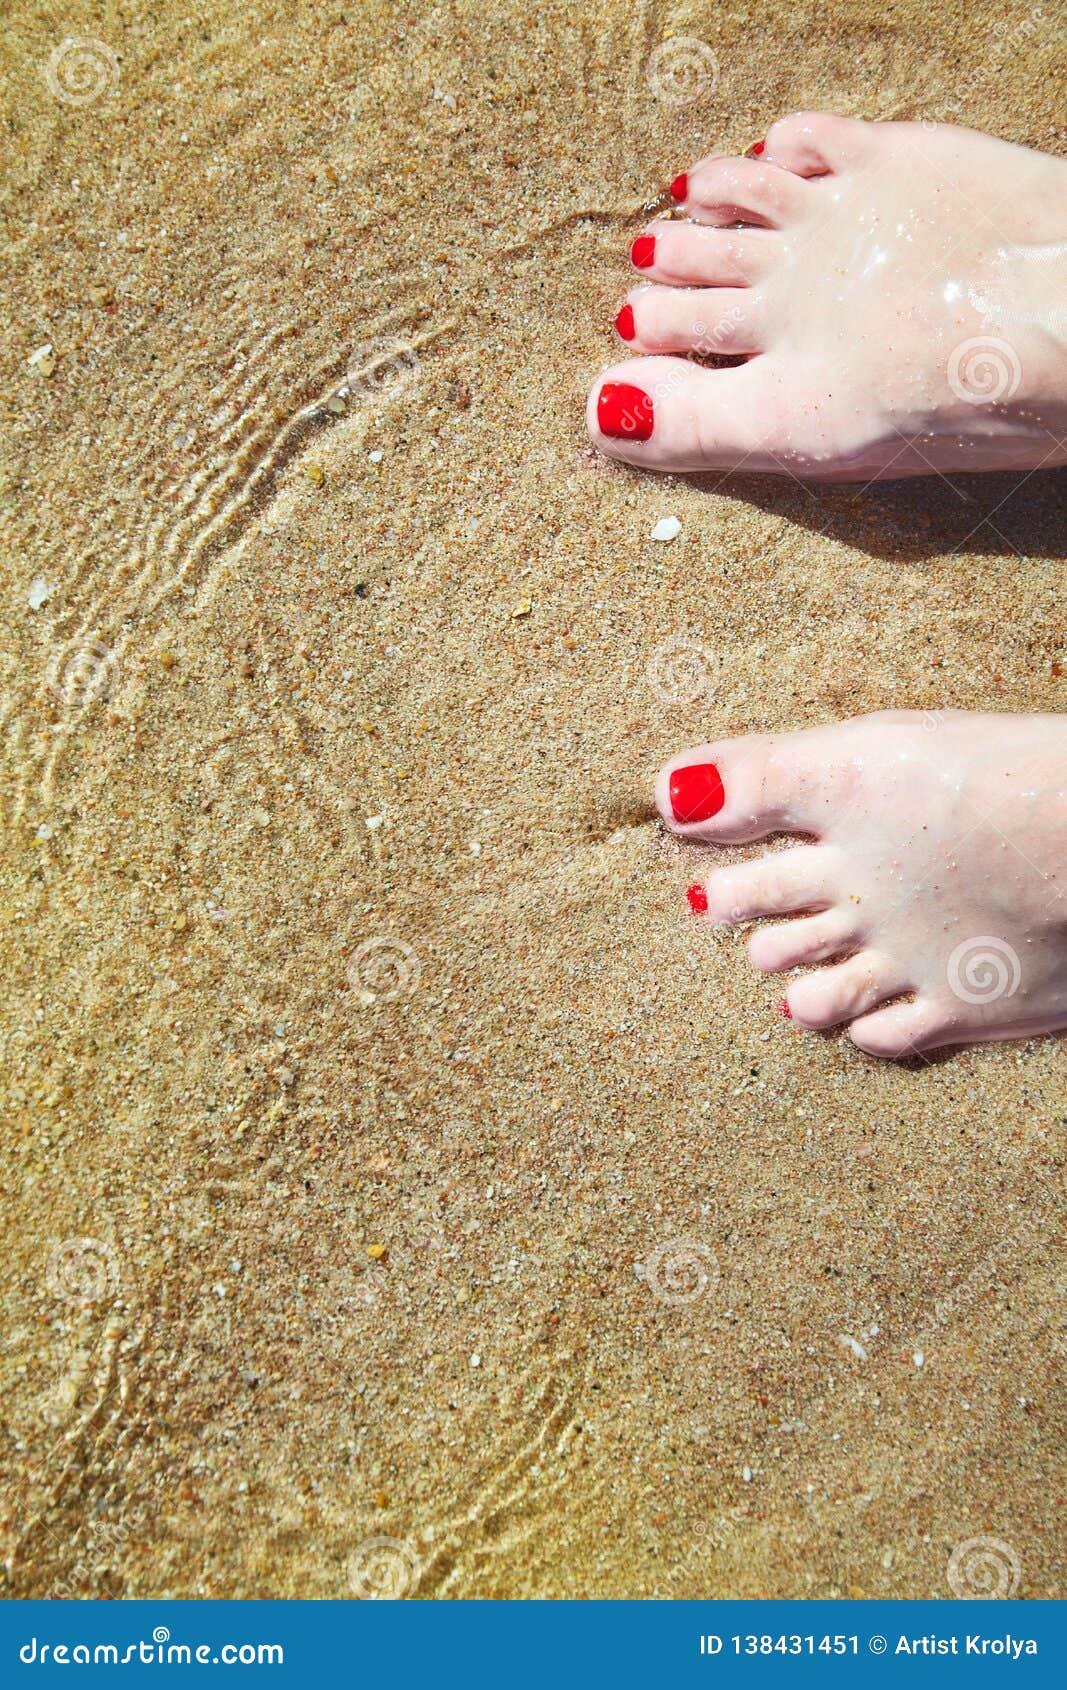 Kvinnans spikar pedicured fot med rött polermedel på tår i sanden i vatten